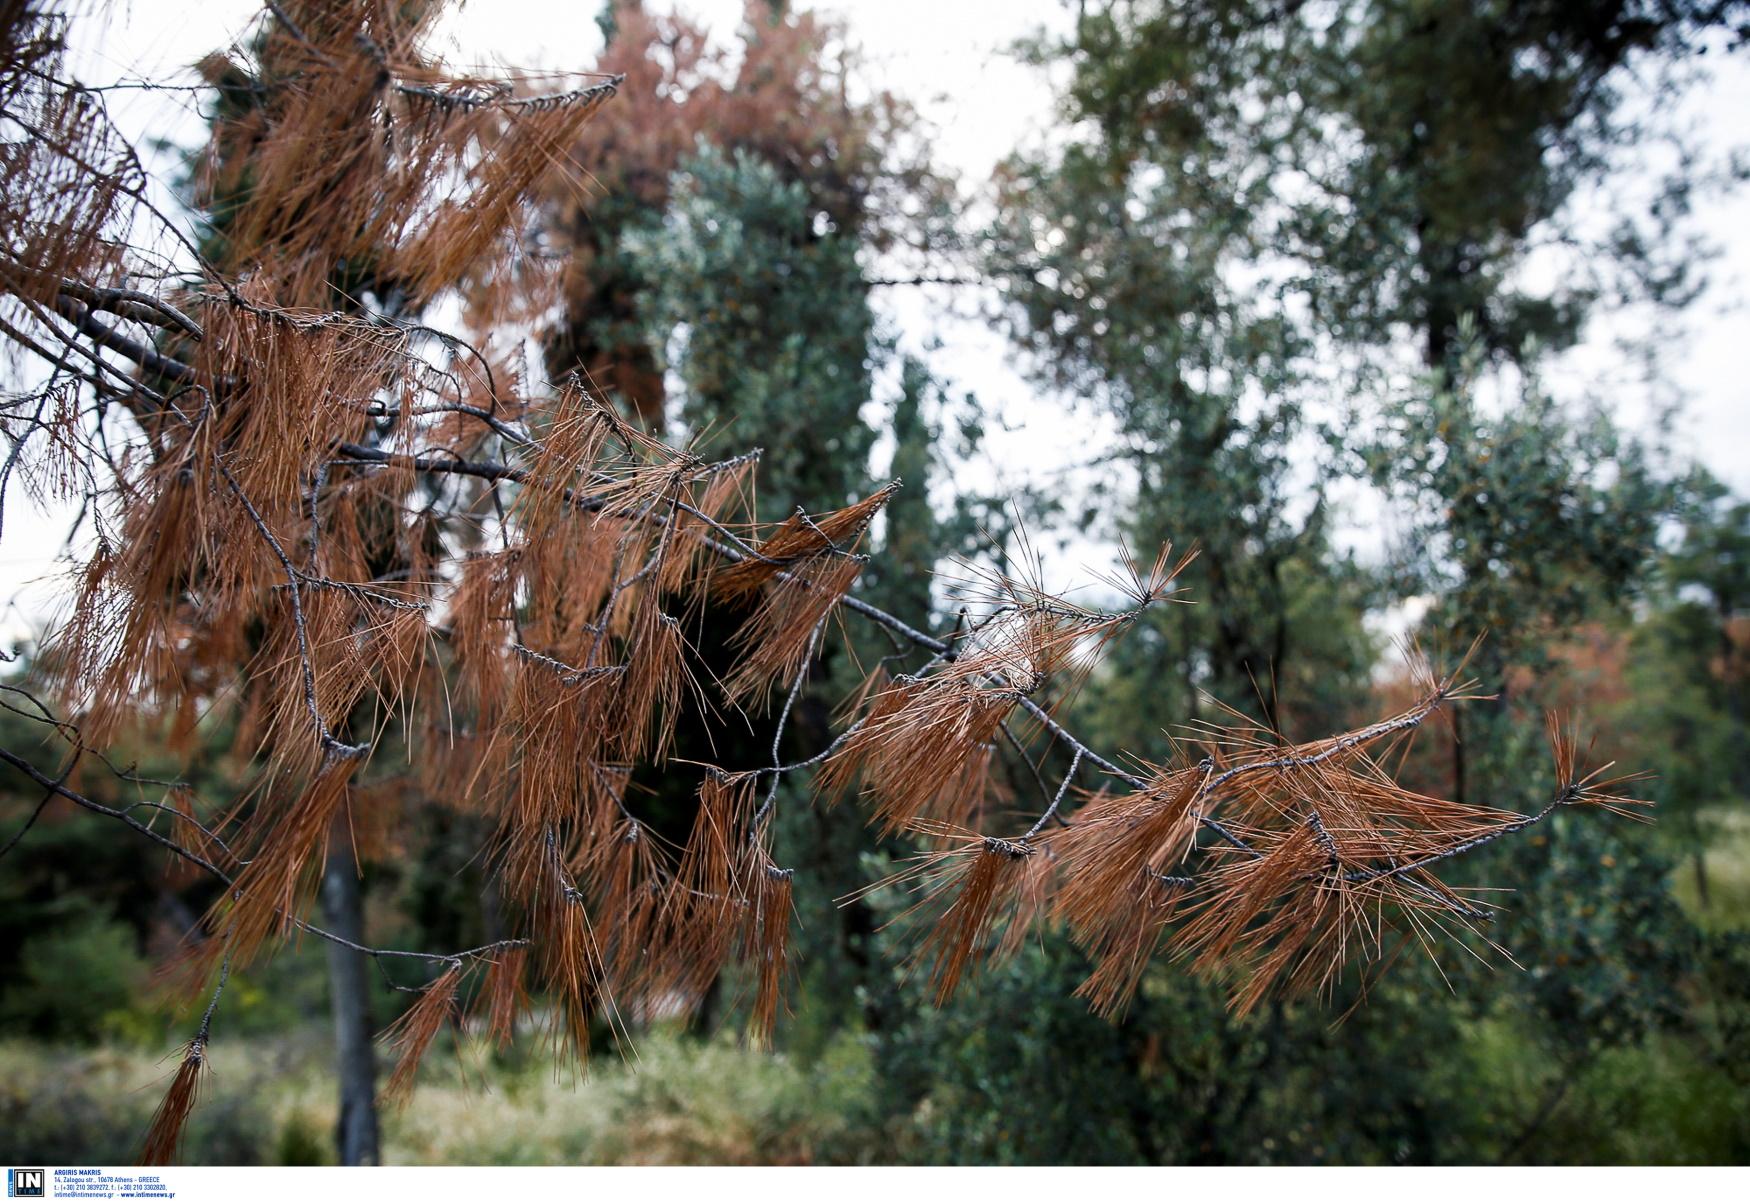 Κρήτη: Πήγε να αποφύγει τους θηροφύλακες και τράκαρε με δέντρο